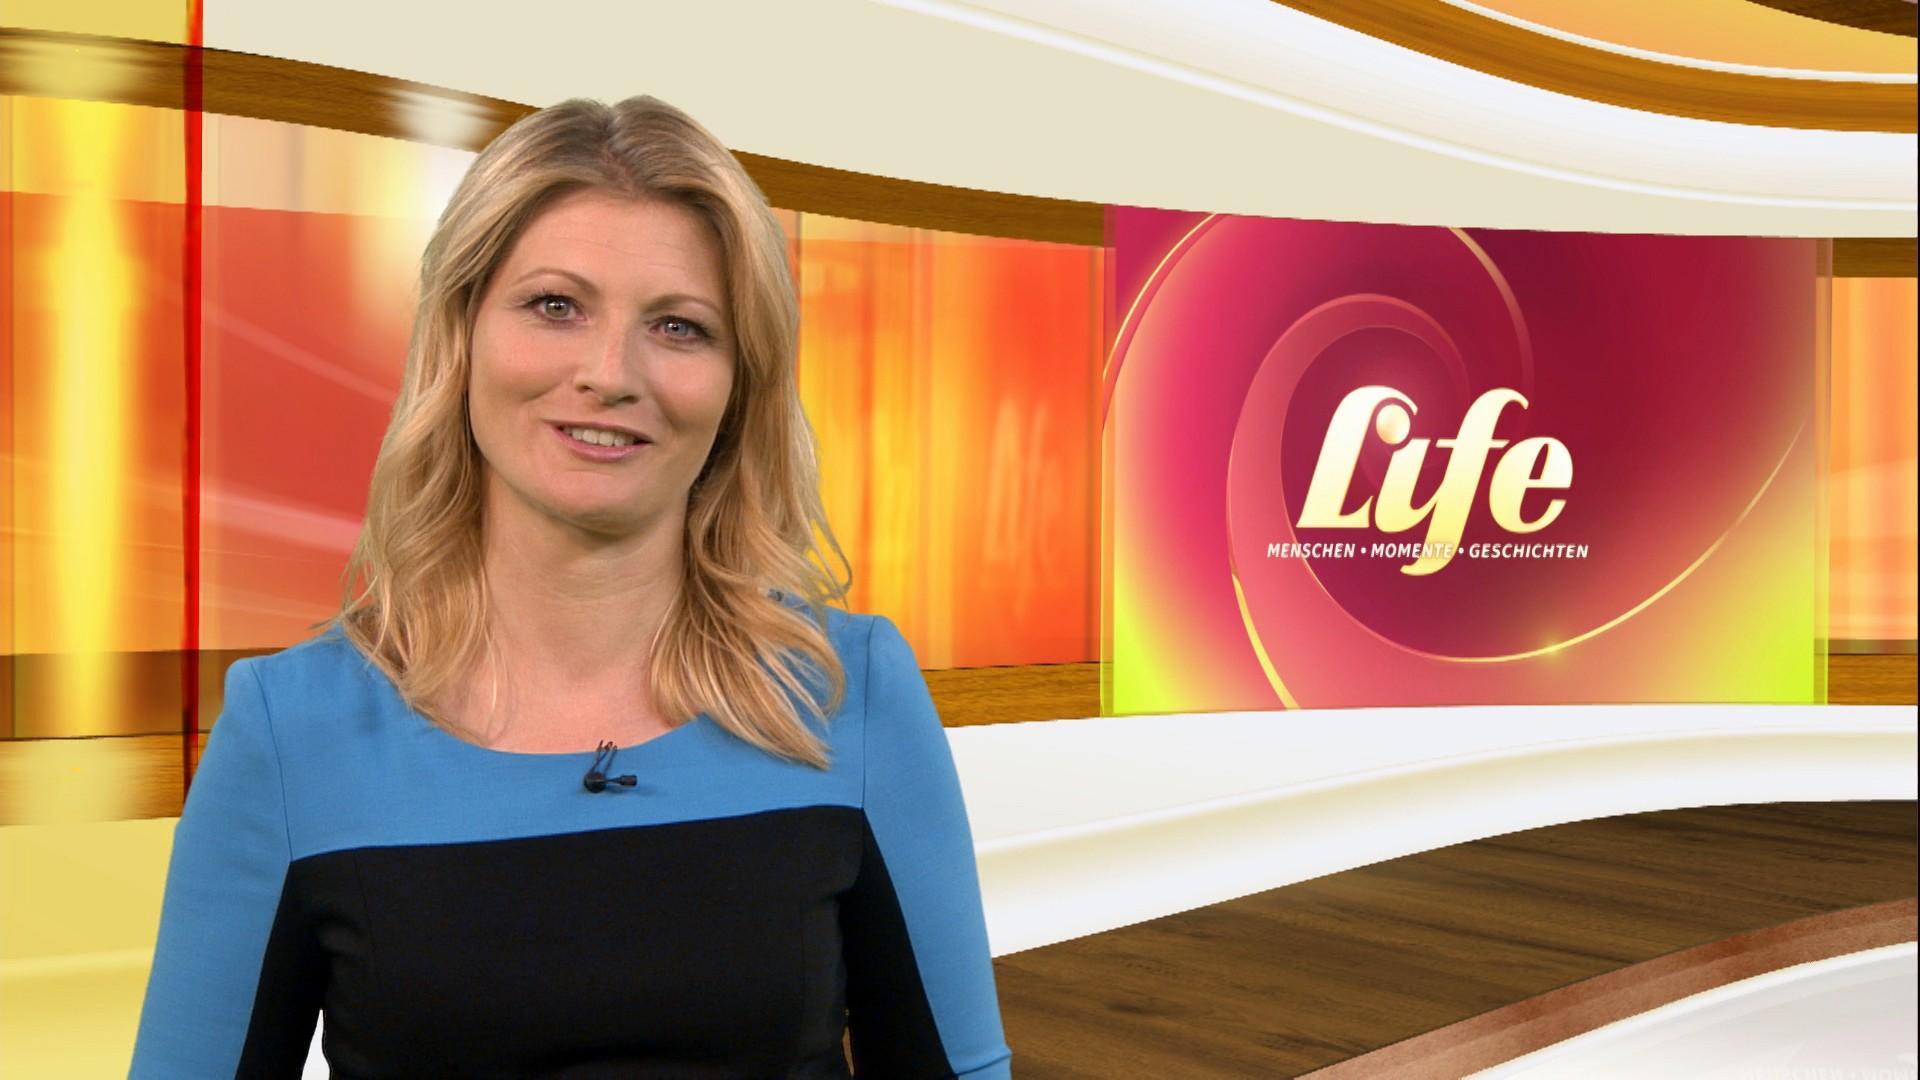 """""""Life - Menschen, Momente, Geschichten"""" - Die Themen heute Abend bei RTL"""